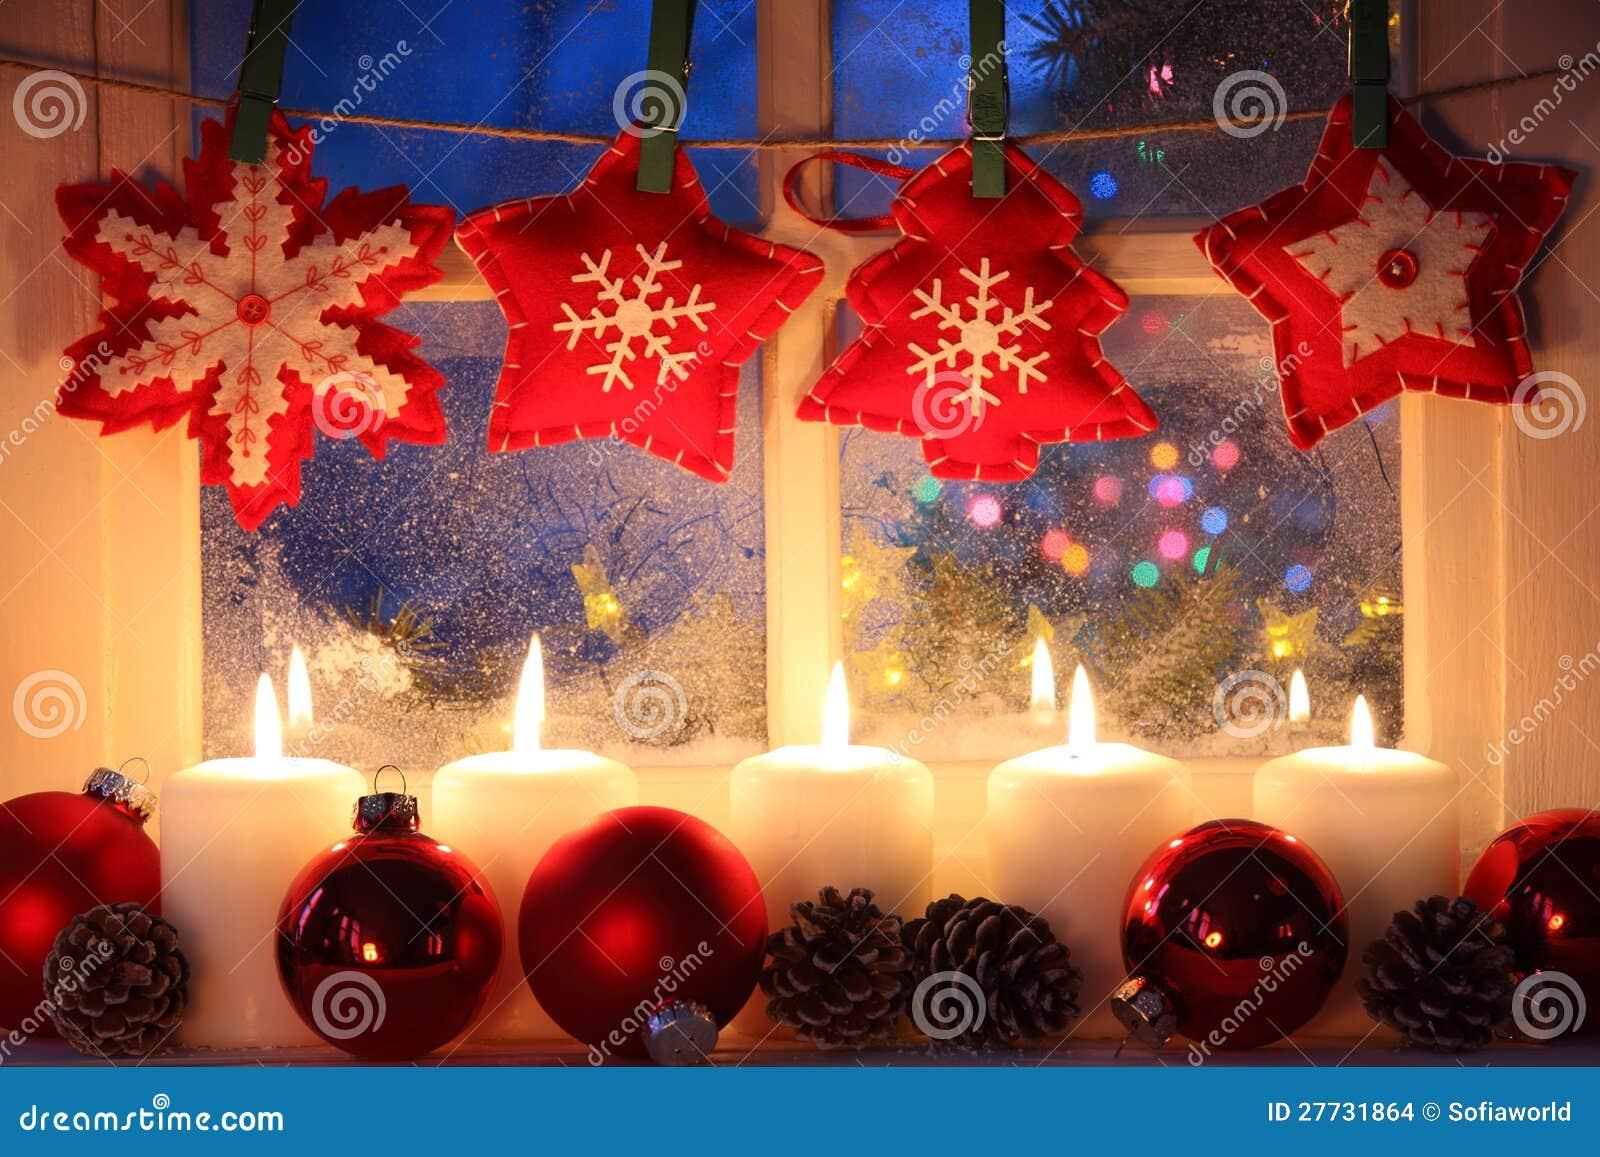 Fenster mit Weihnachtsdekoration